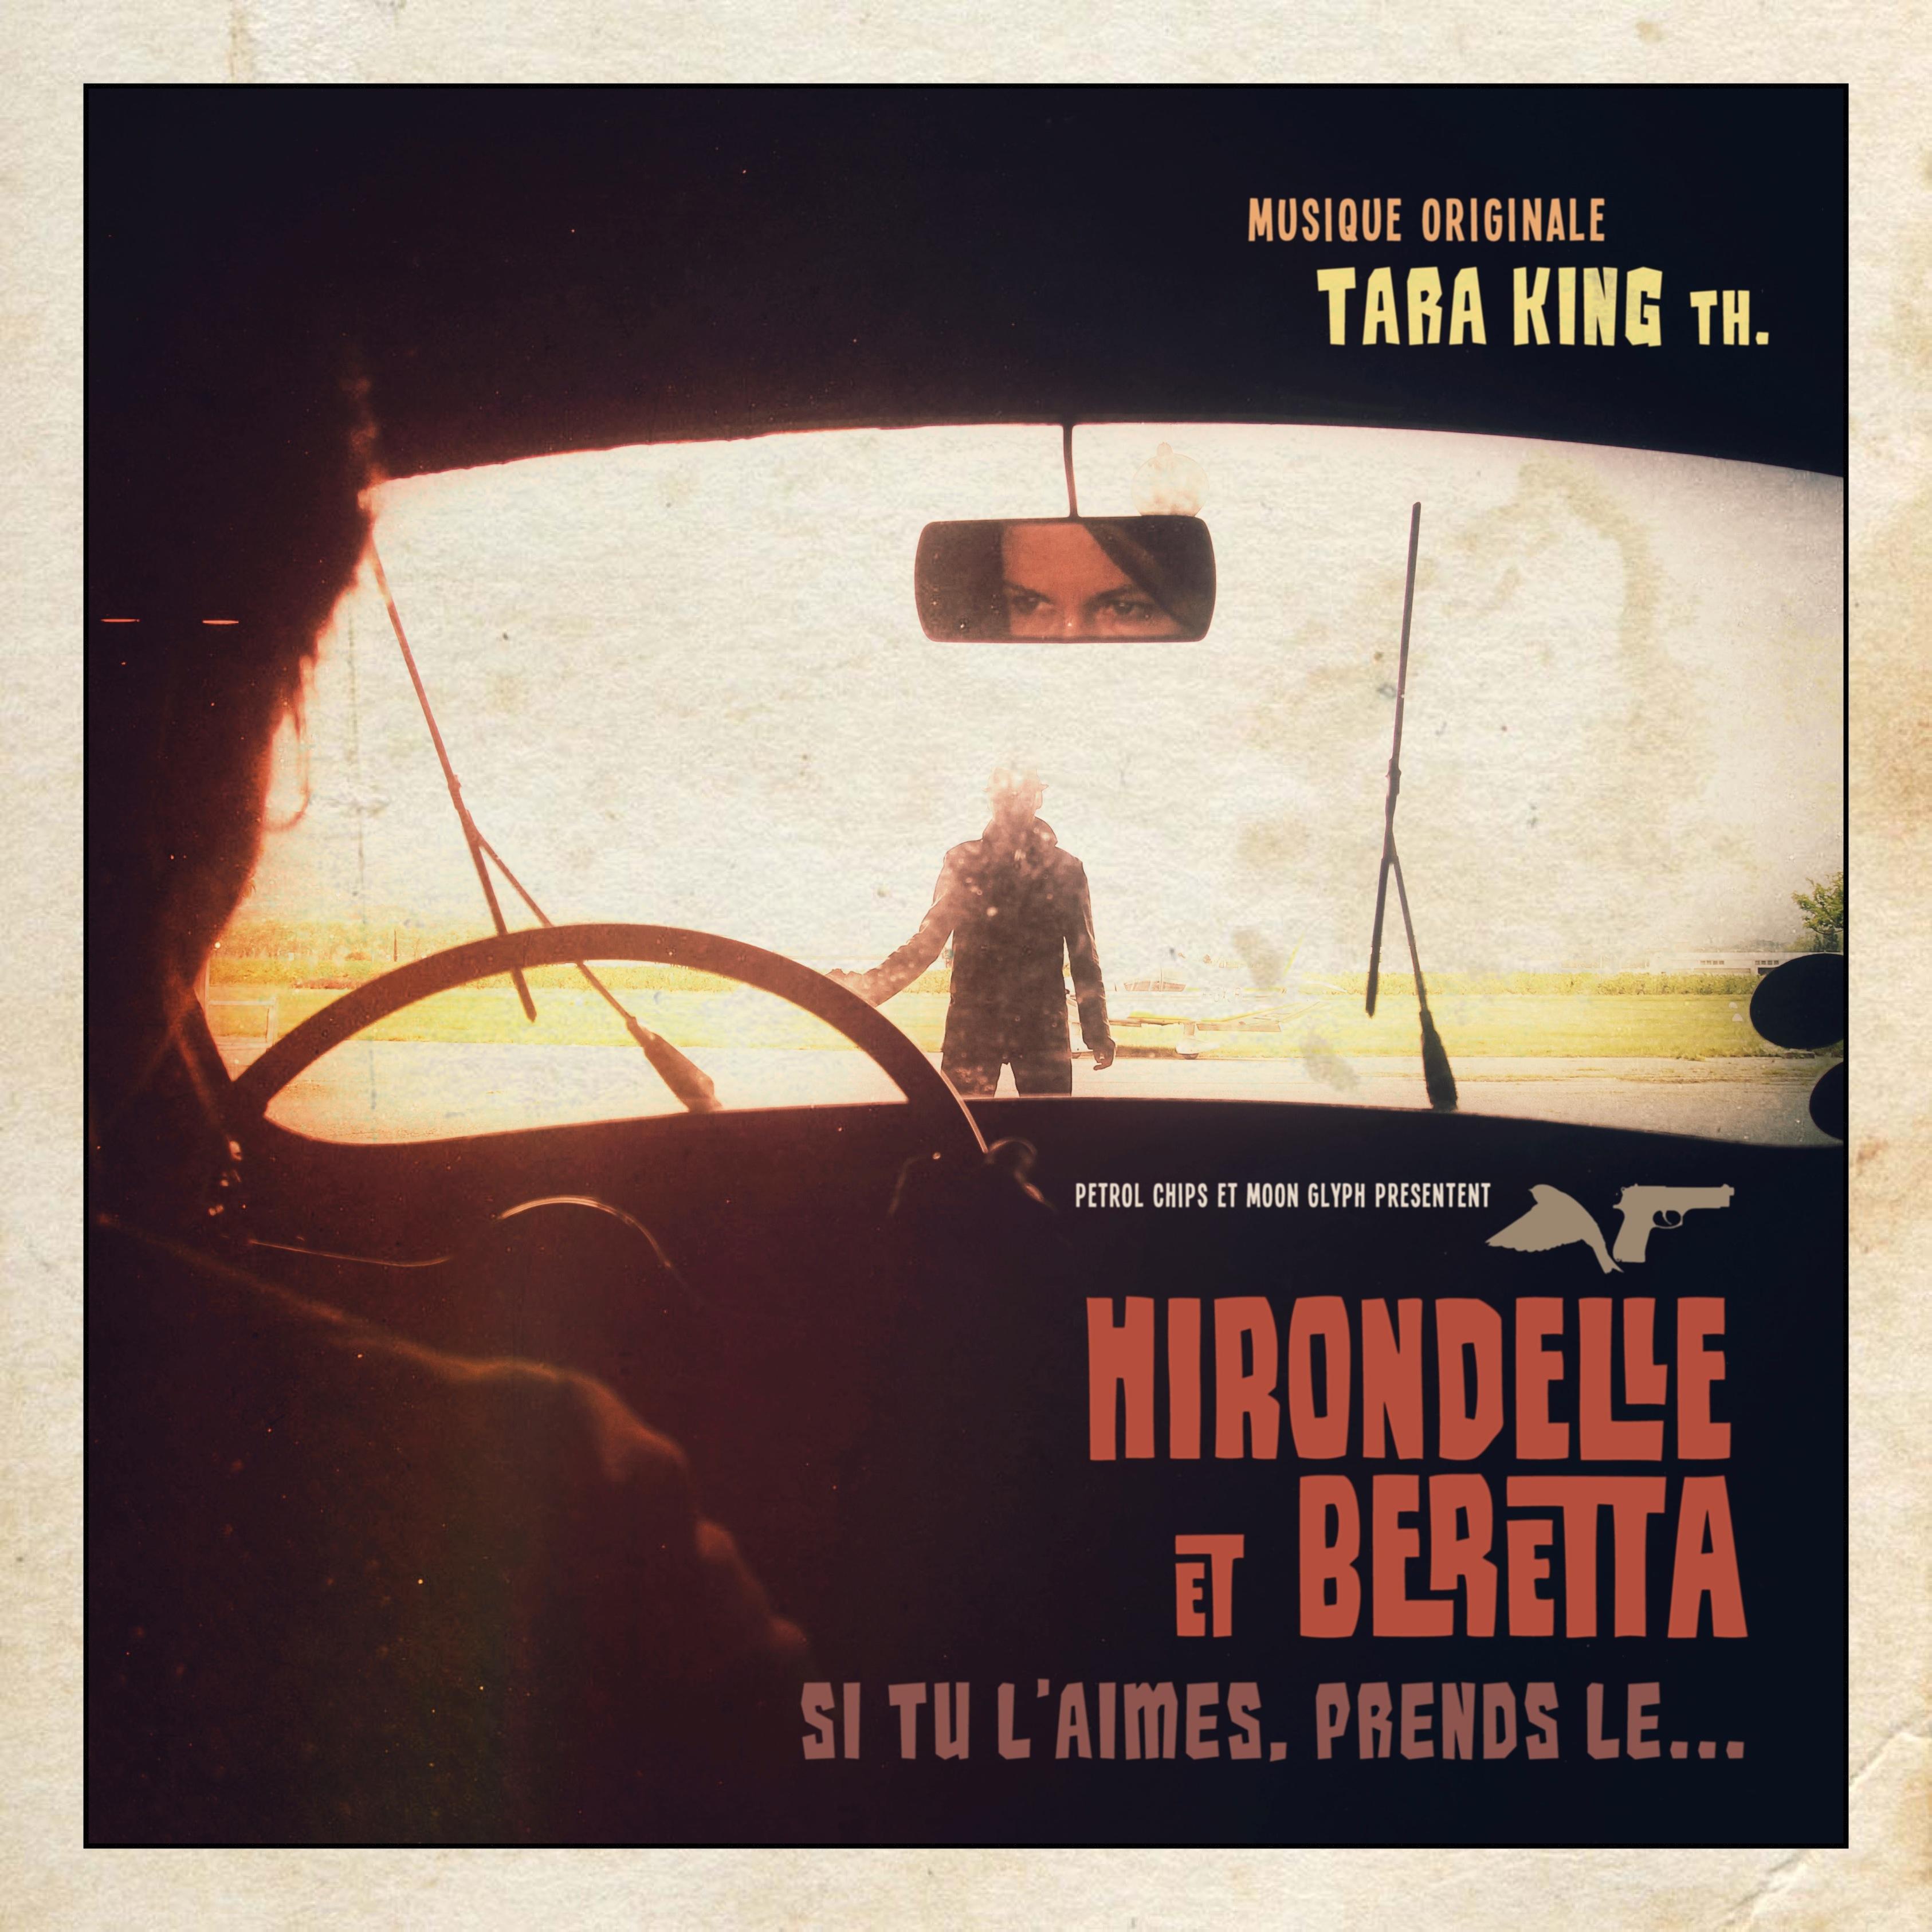 Hirondelle et Beretta, la suite par Tara King th — KissKissBankBank